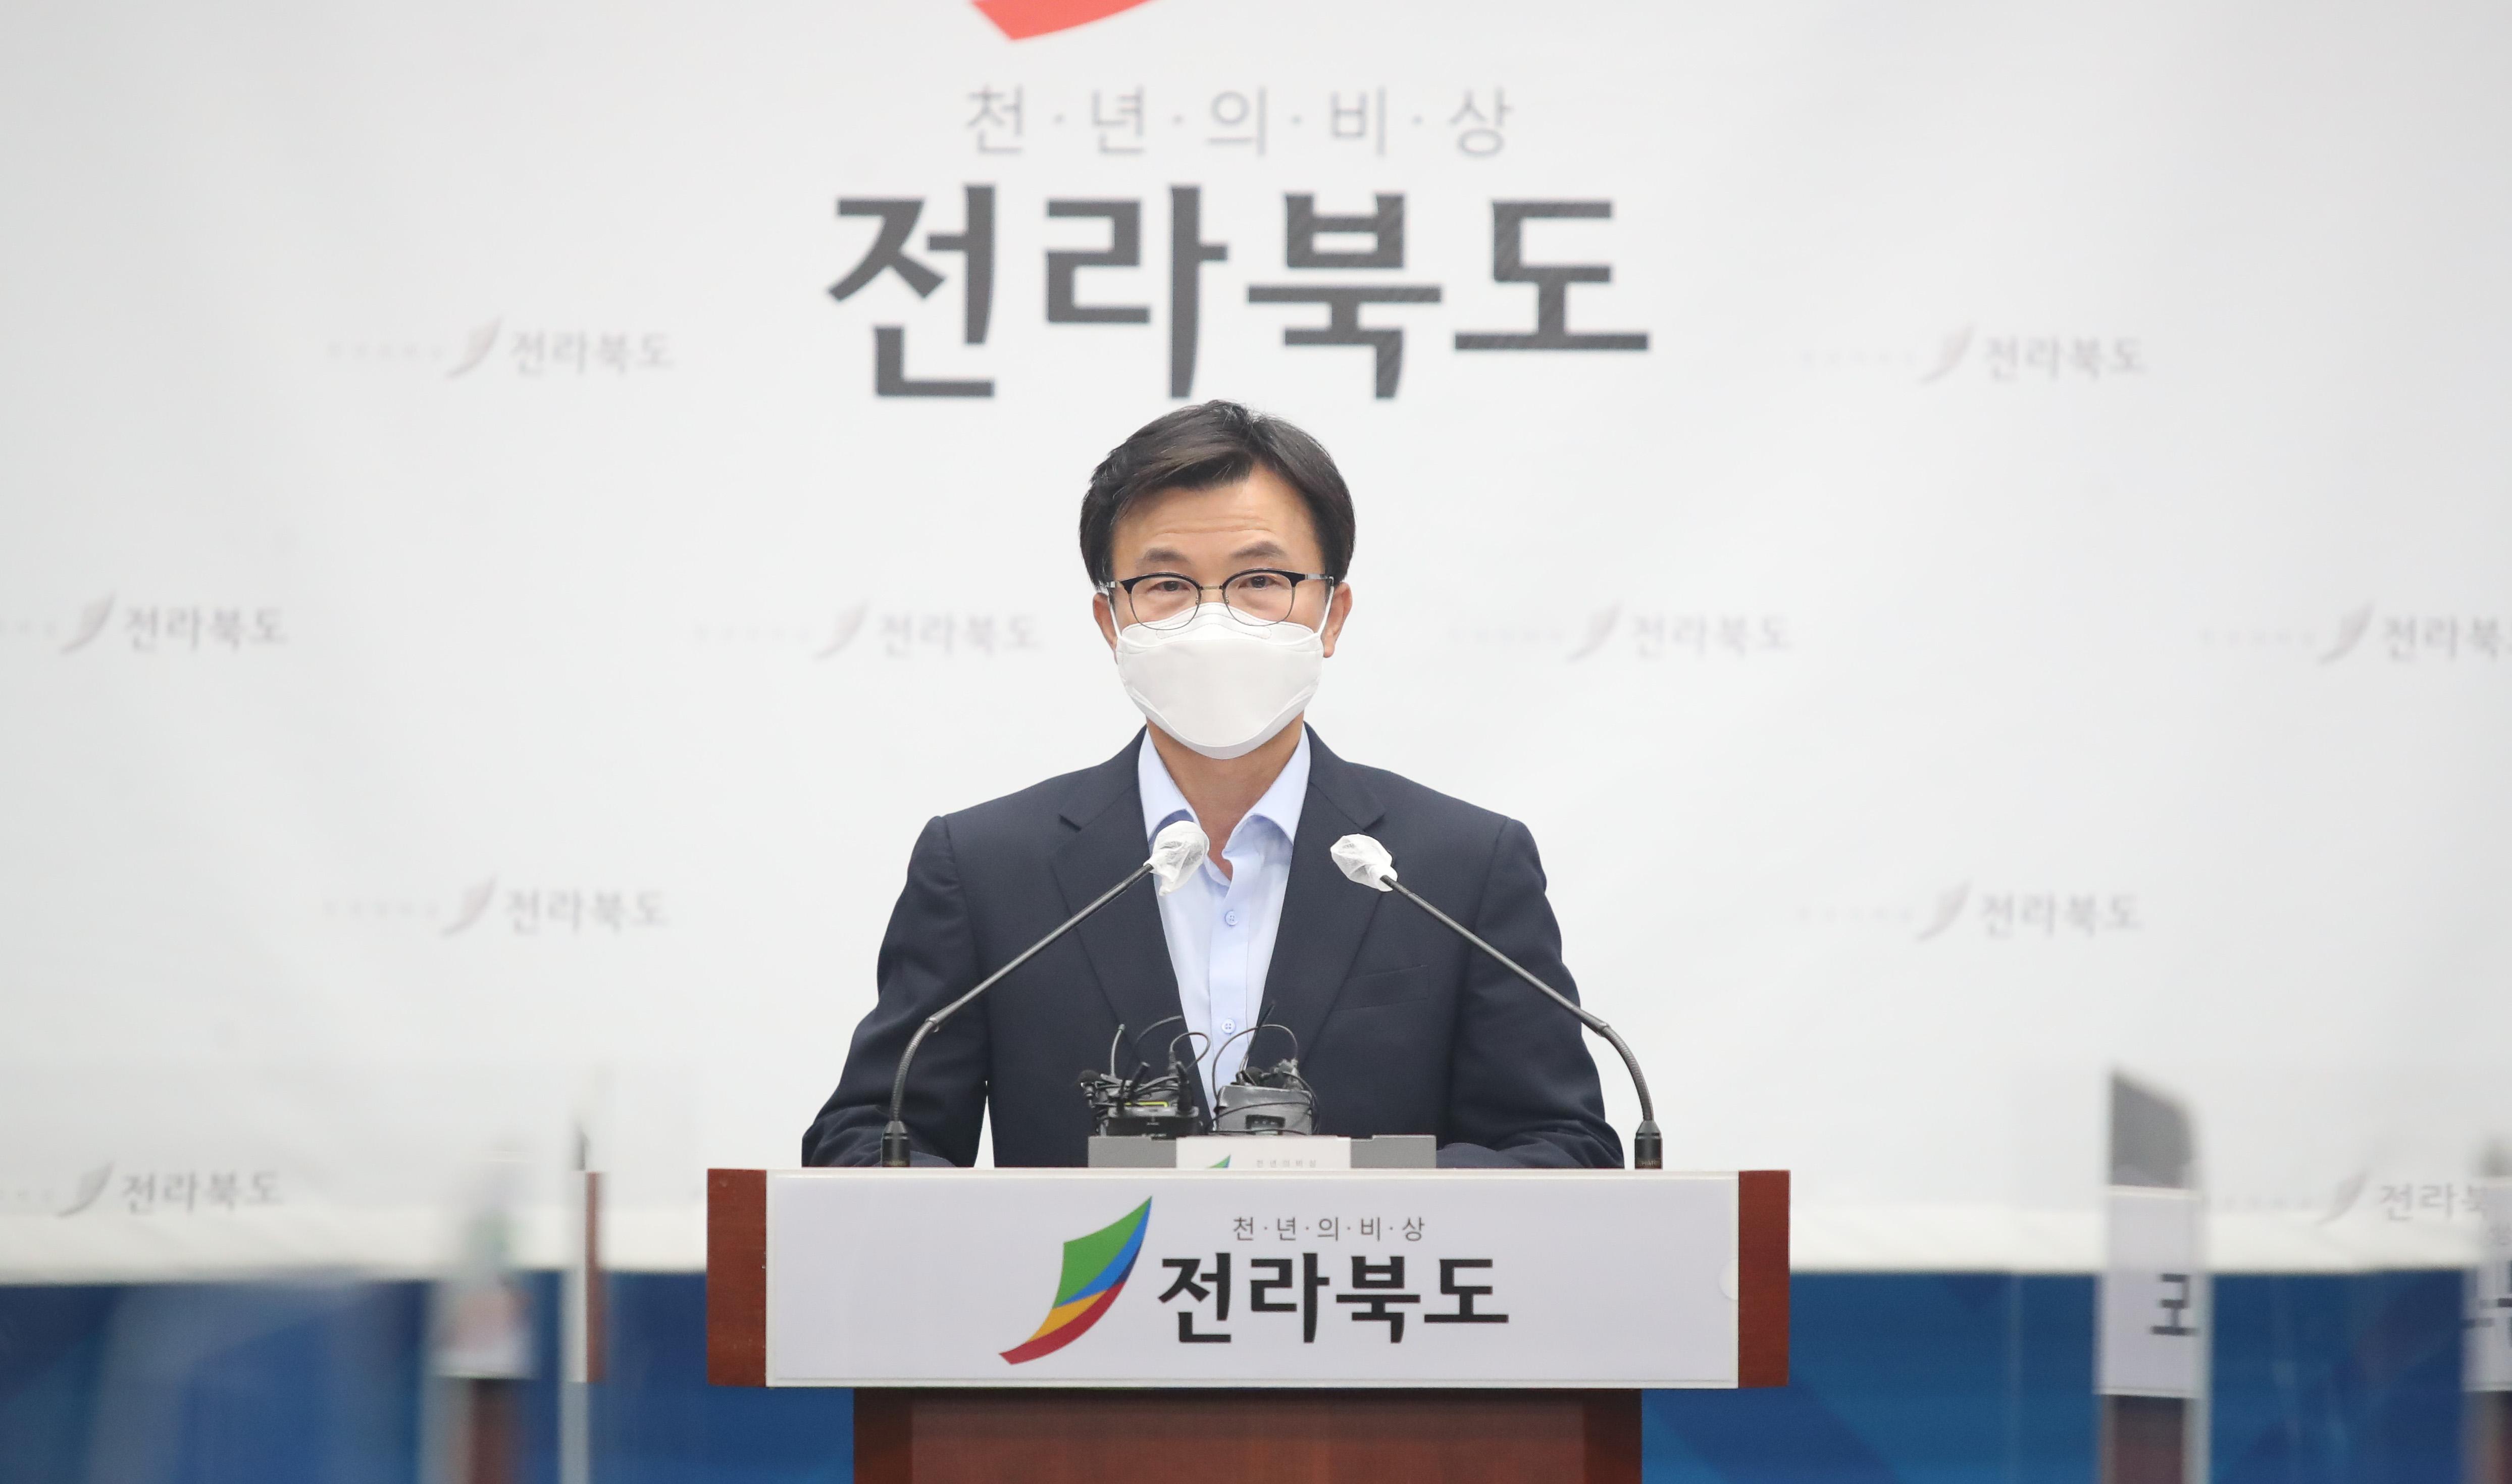 200929-군산공항 제주 노선 증편 운항 재개 브리핑(김형우 건설교통국장)1.jpg